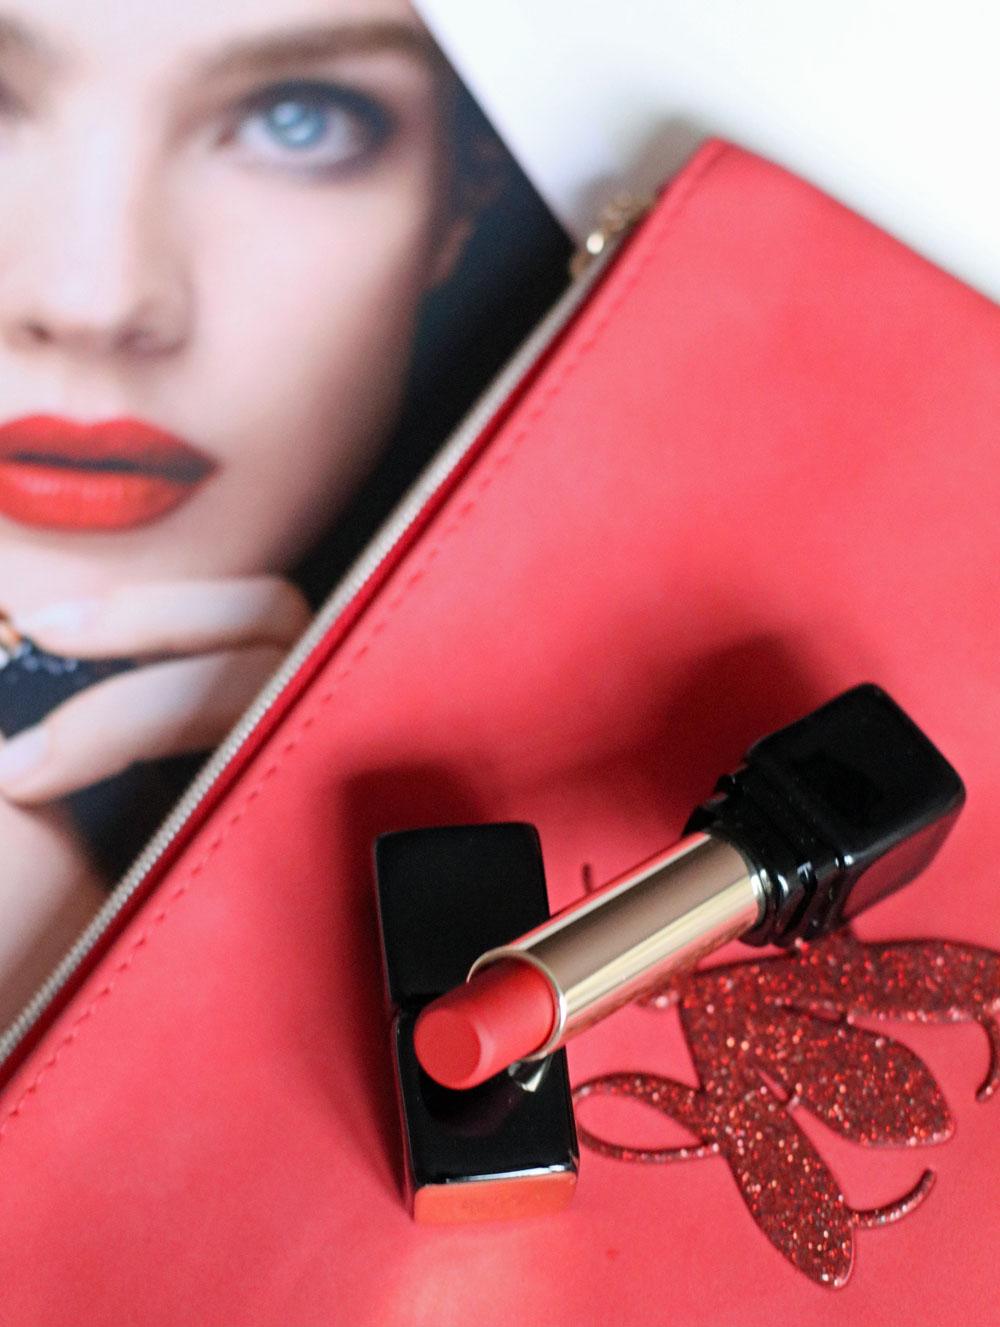 Die neuen, matten KissKiss-Lippenstifte überzeugen durch ihre gute Qualität – und werden bei sonrisa aktuell auch als Beauty-Therapie eingesetzt.